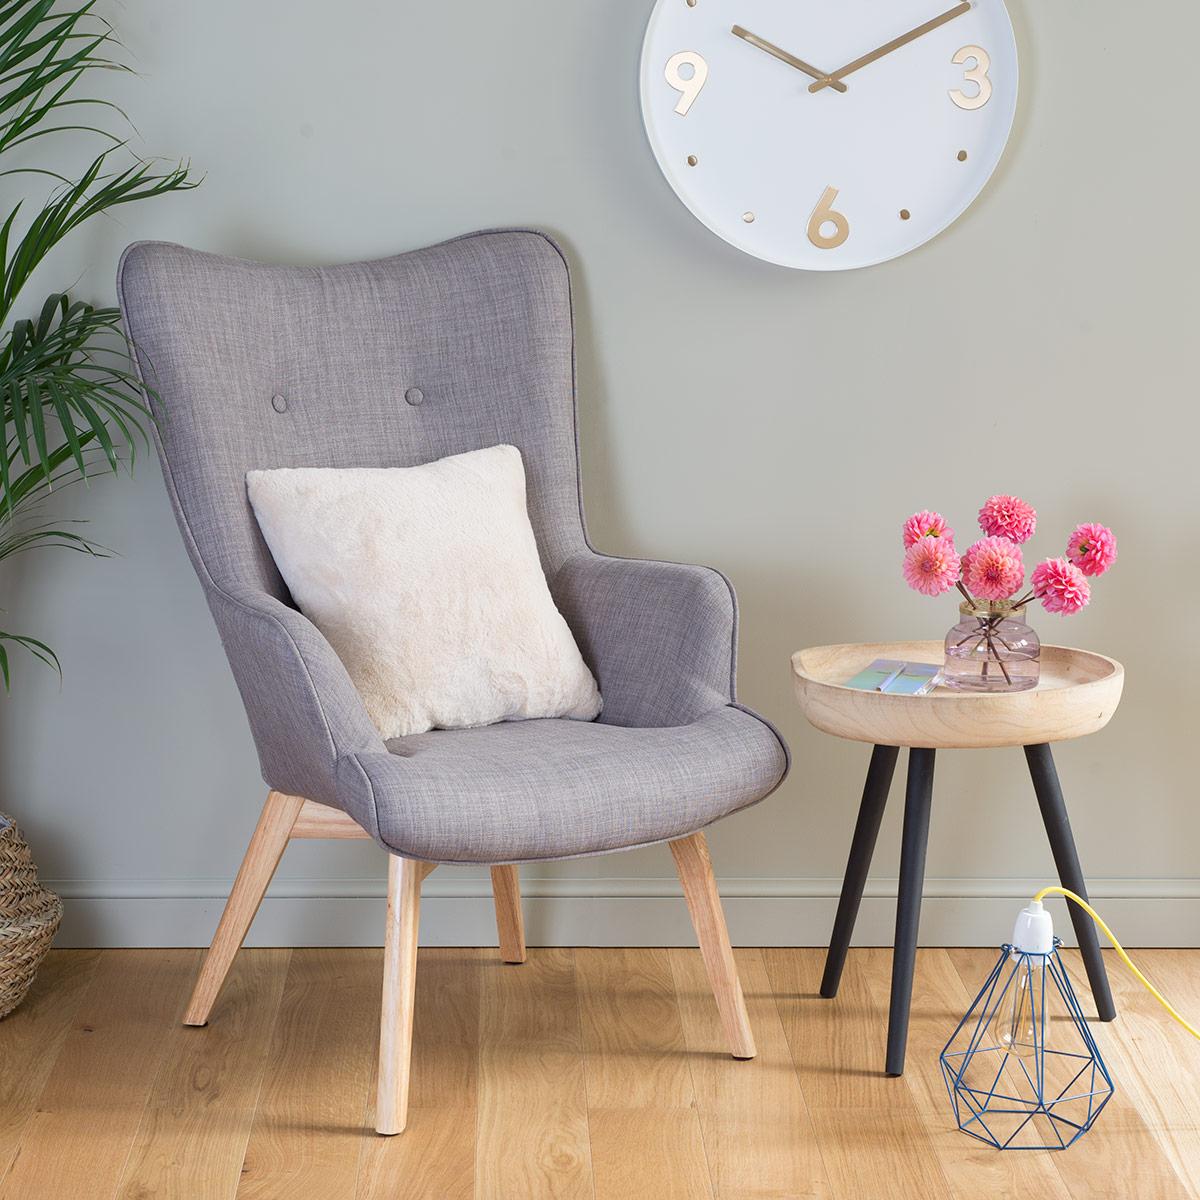 chaise et fauteuill scandinave la rochelle